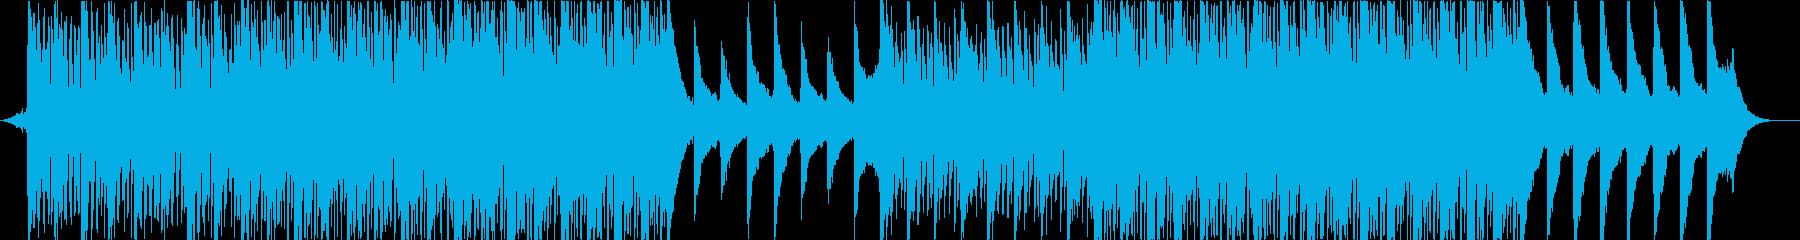 ピアノとアコギの爽やかで優しいBGMの再生済みの波形